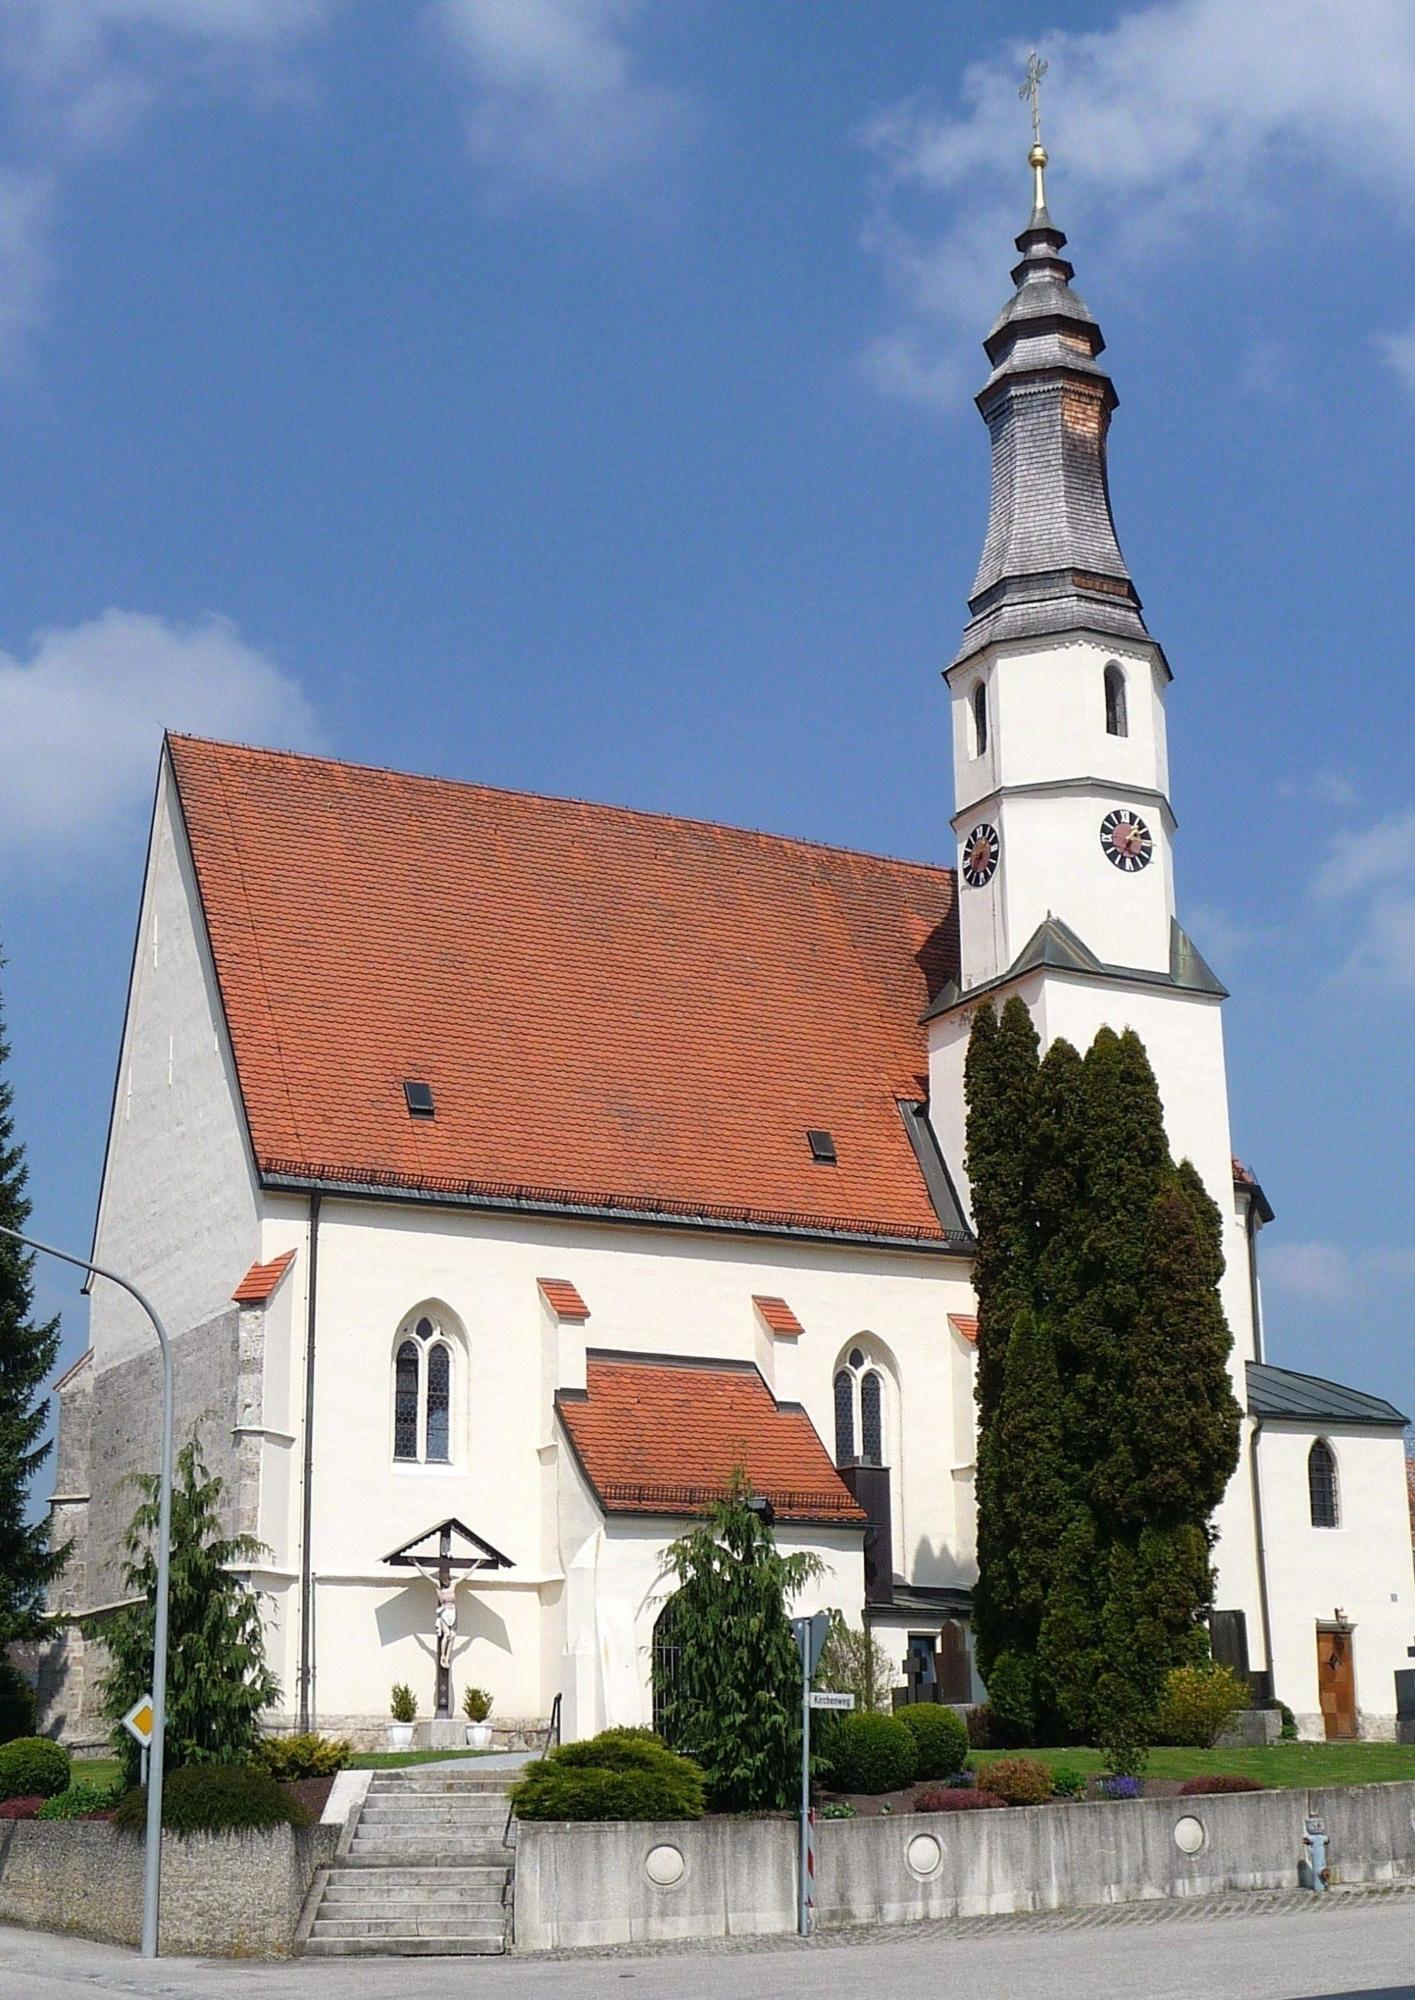 Pfarrkirche Prienbach